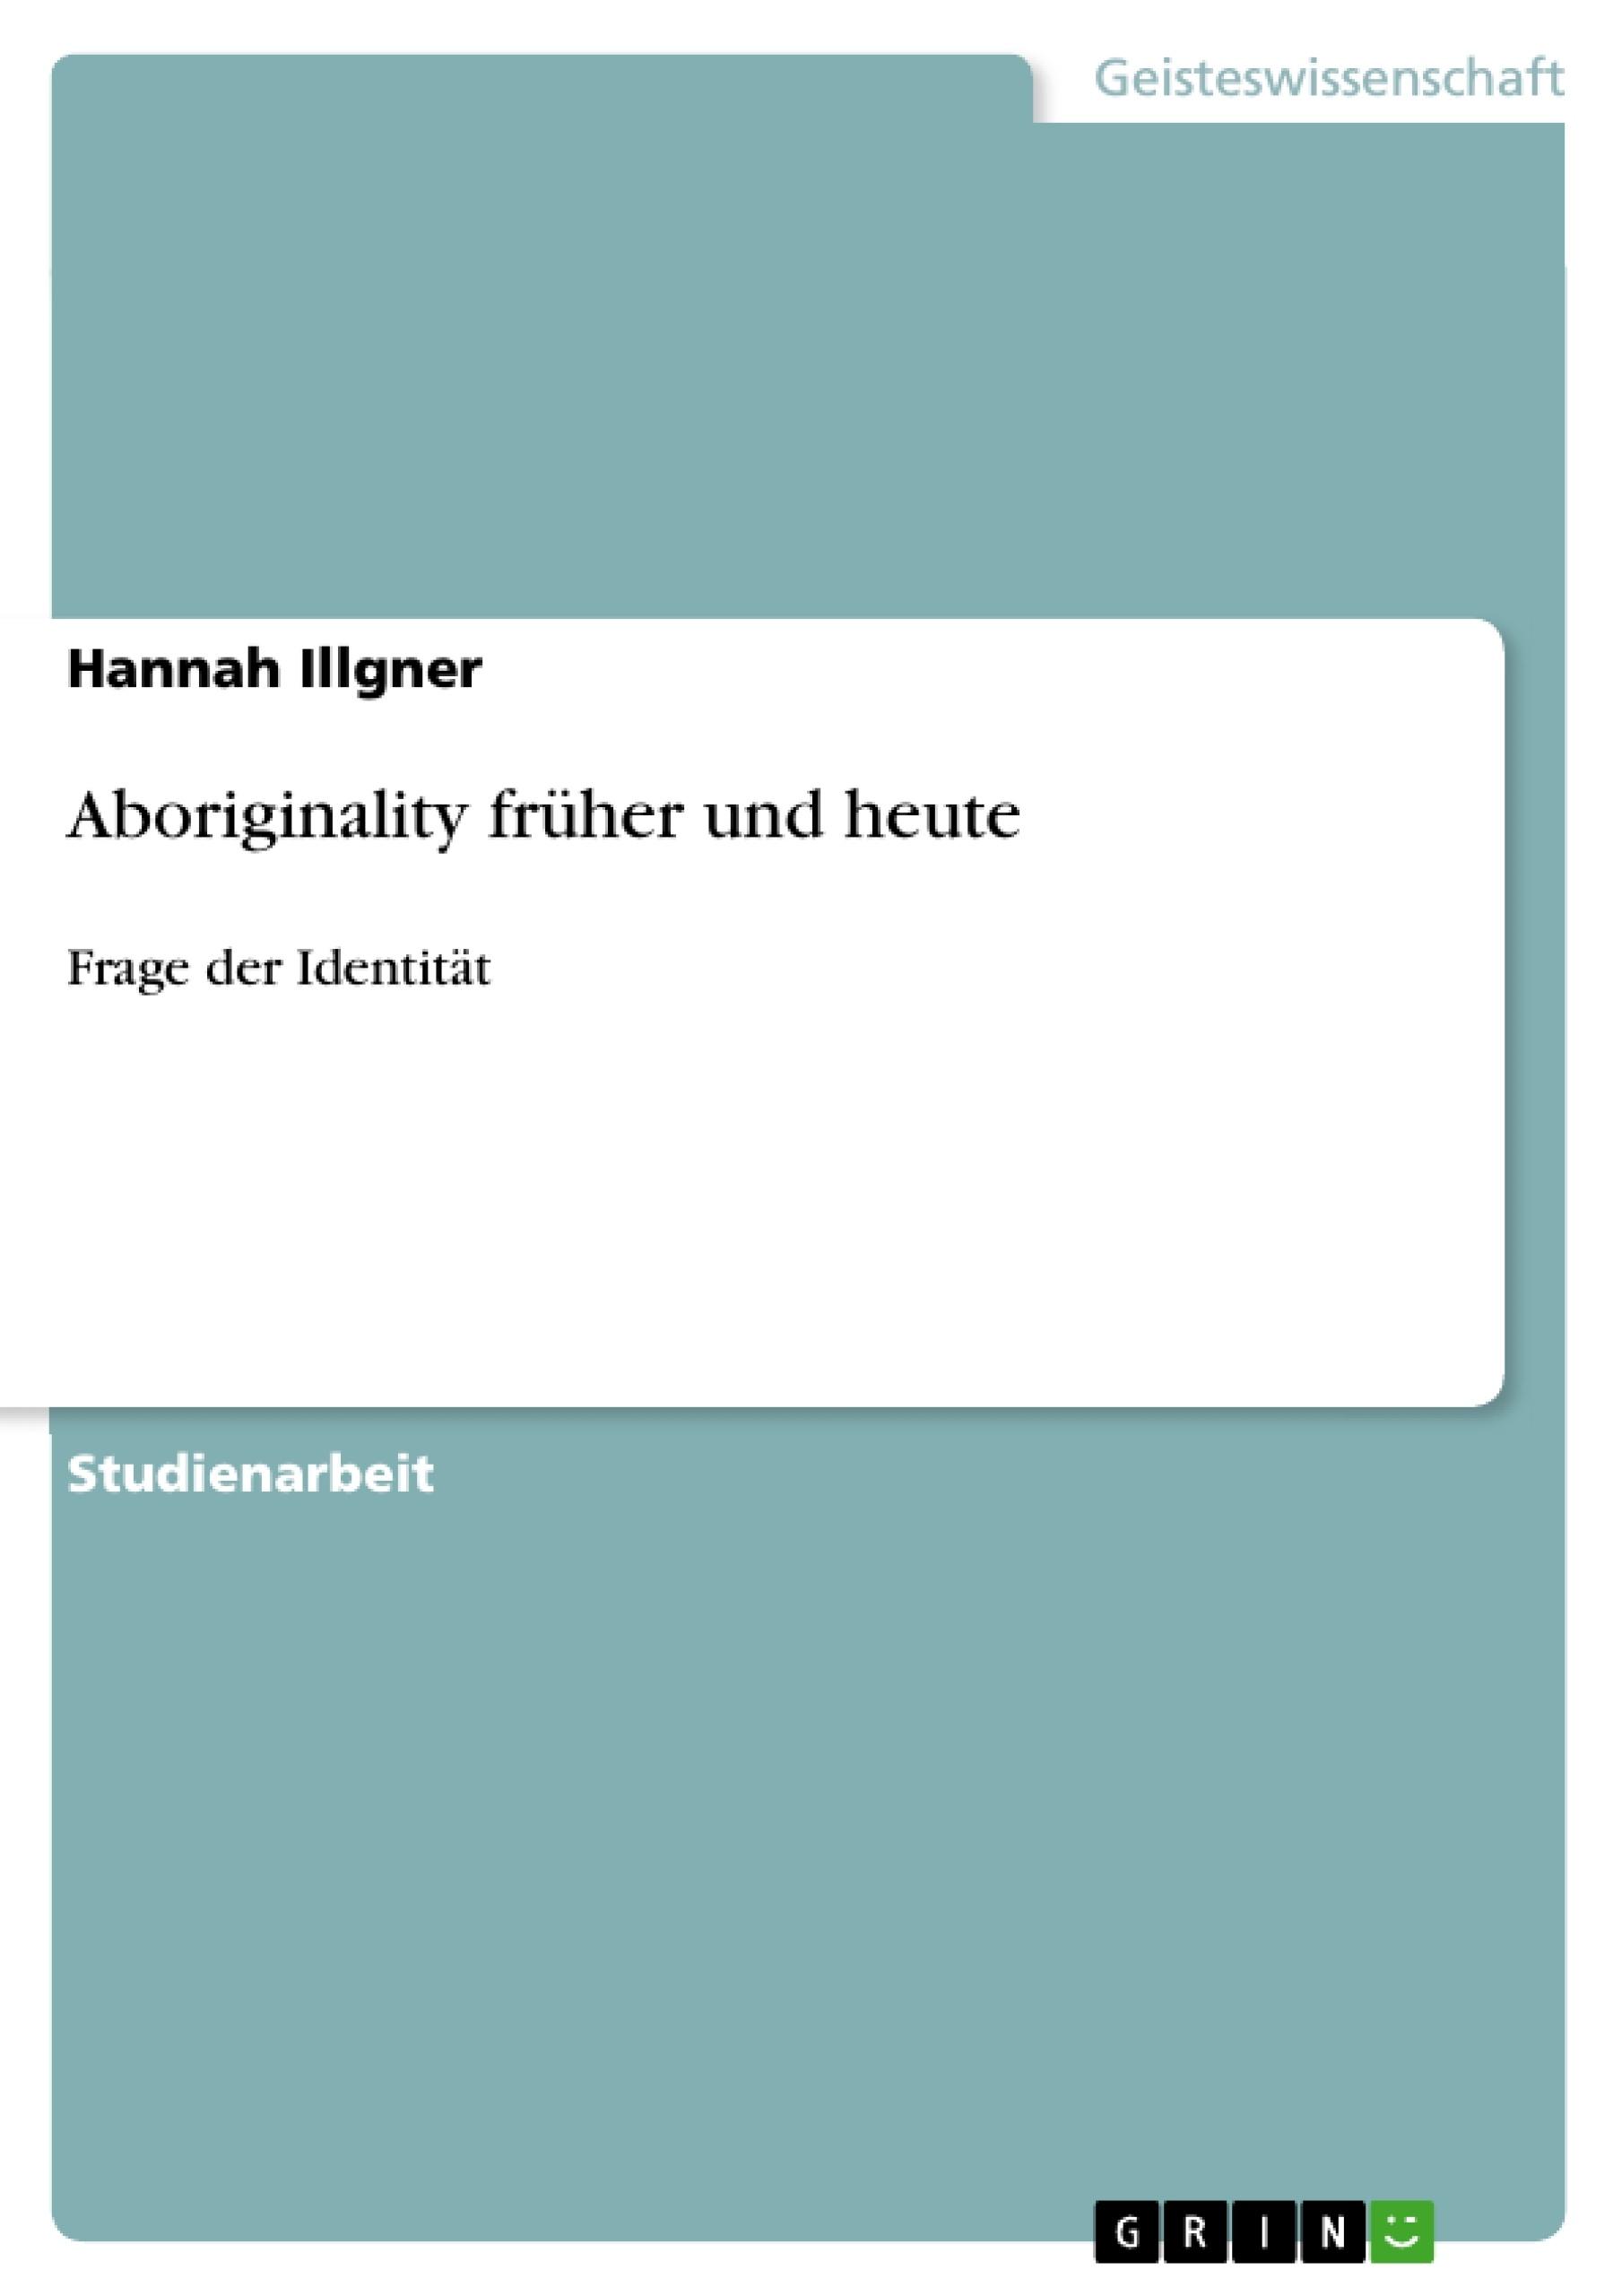 Titel: Aboriginality früher und heute